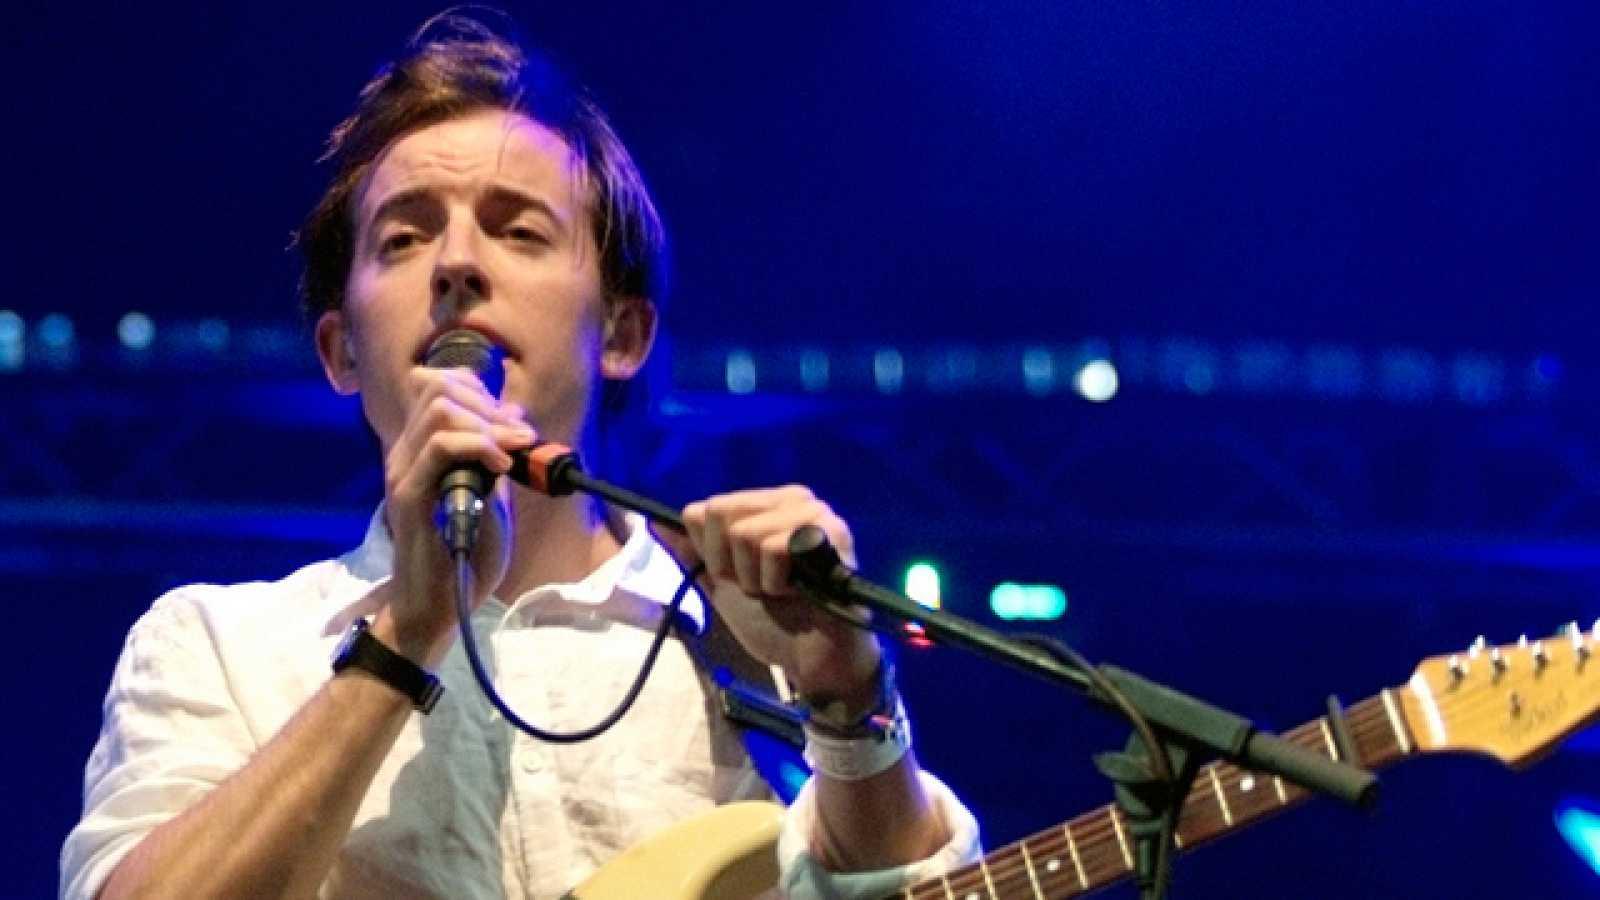 El grupo londinense hizo sonar su delicado pop el sábado en el escenario Fiberfib.com (16/07/11).